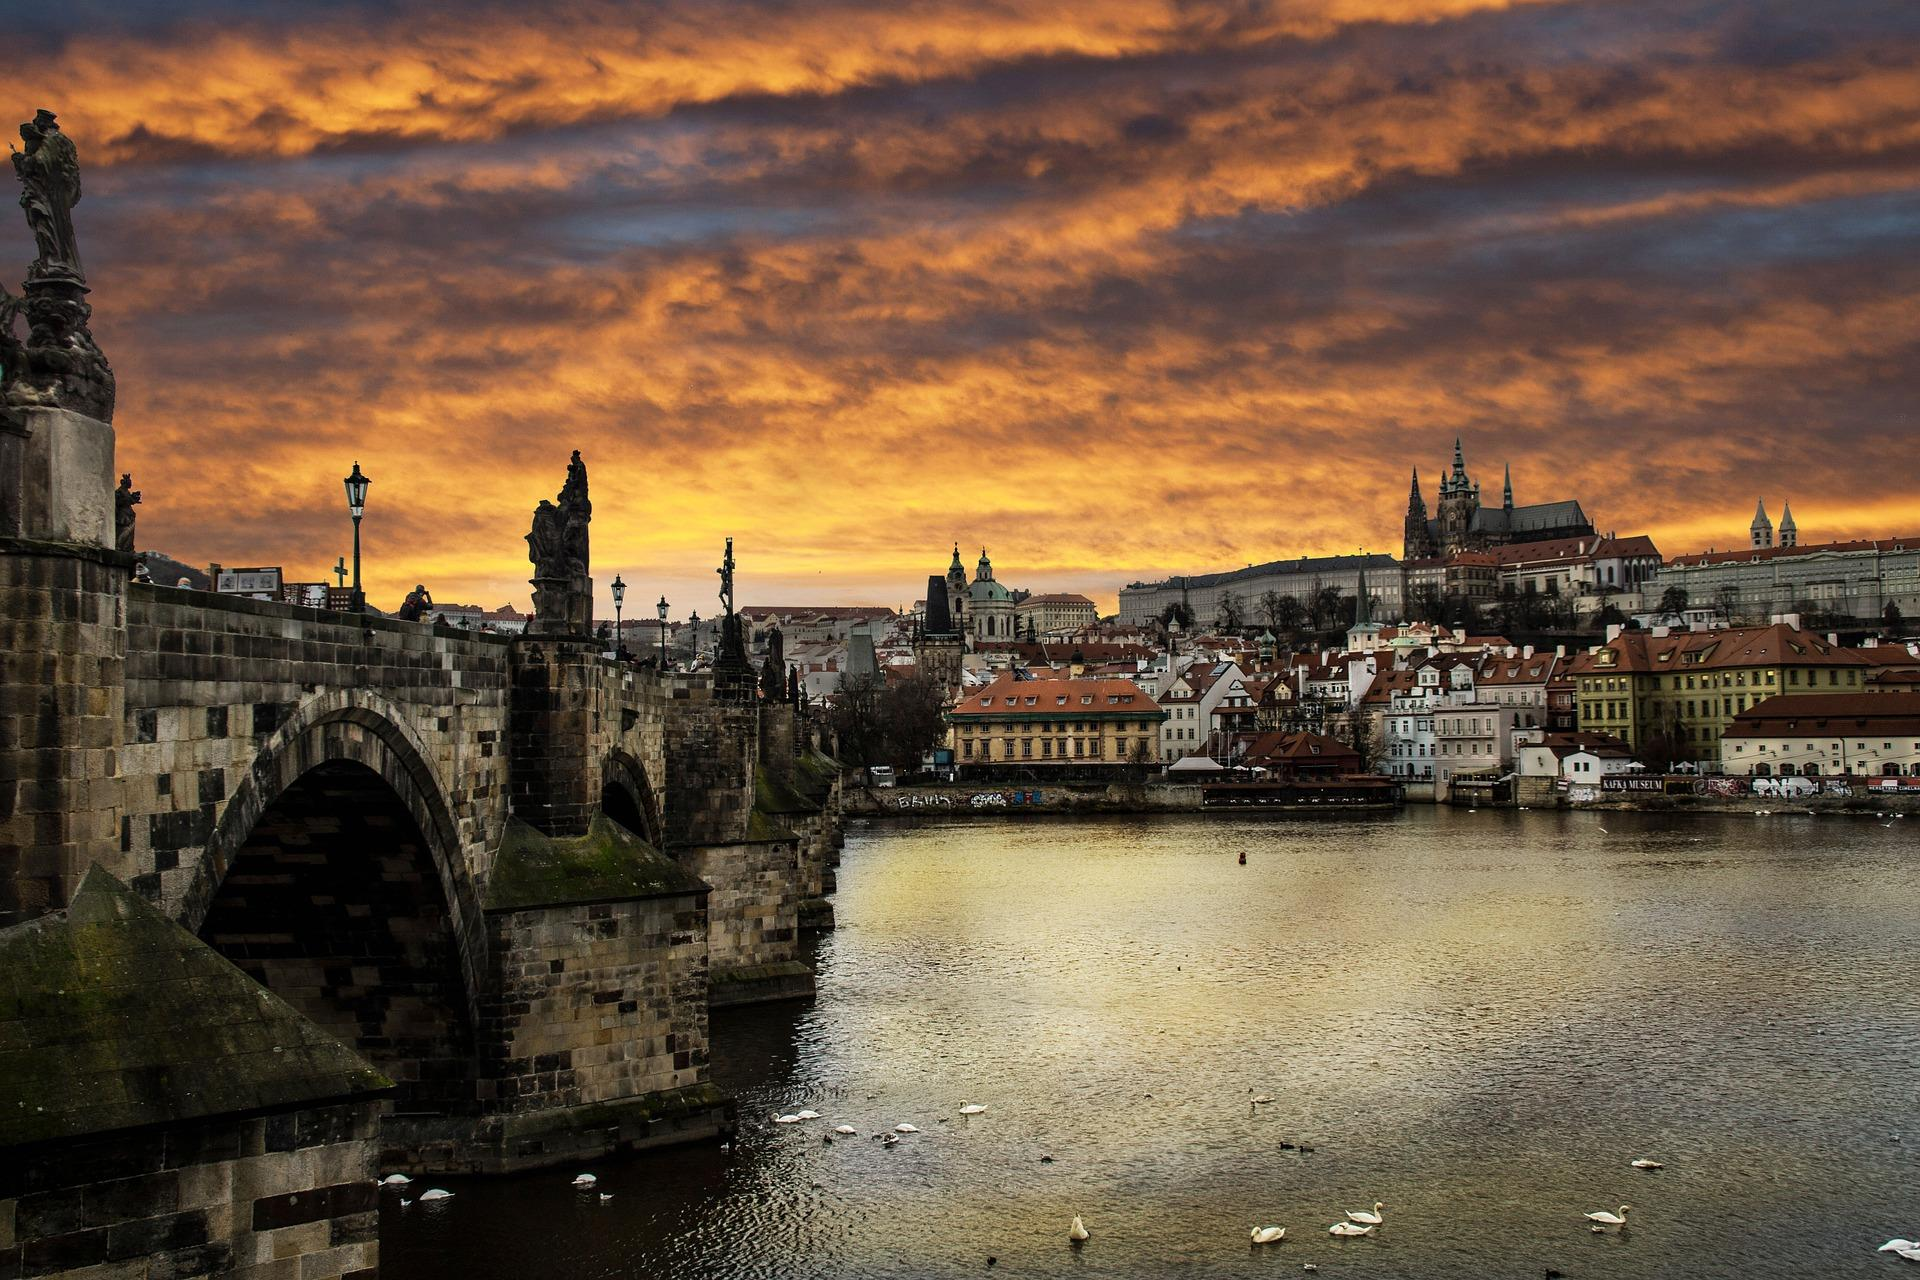 Visita-guiada-por-el-Castillo-de-Praga-2